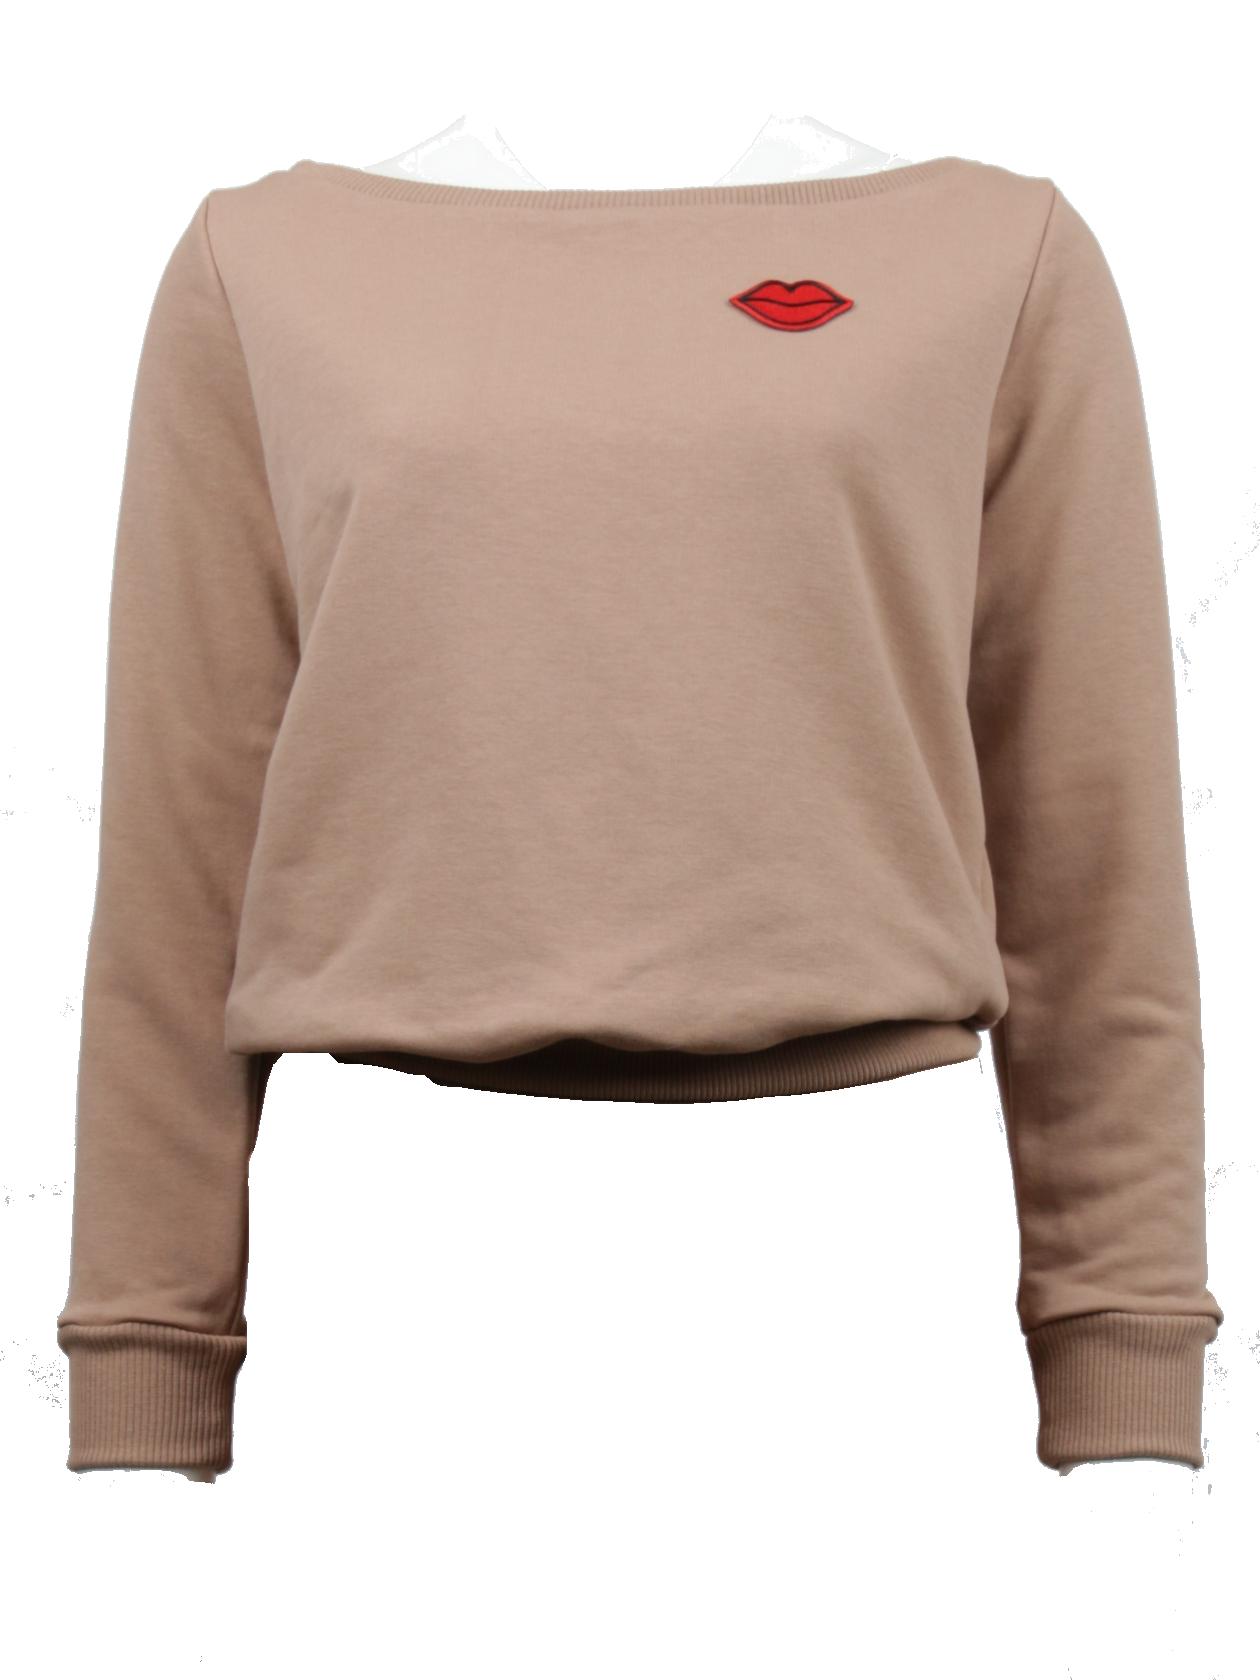 Костюм спортивный женский MON AMOURСтильный костюм спортивный женский Mon Amour идеально впишется в повседневный гардероб активной девушки. Лаконичная расцветка темный беж никогда не выходит из моды и отлично комбинируется с любой другой цветовой гаммой одежды и обуви. Верх представлен свитшотом с длинным рукавом с эластичными вставками на манжетах. Горловина выполнена в форме неглубокой лодочки, содержит лейбл Black Star Wear на внутренней стороне. Брюки прямого полуоблегающего кроя с широким поясом на резинке и завязках и фиксирующими вставками на голенище. Дизайн дополнен яркими нашивками в виде красных губ на левой штанине и в верхней части свитшота. Костюм спортивный сшит из первоклассного натурального хлопка.<br><br>Размер: XS<br>Цвет: Бежевый<br>Пол: Унисекс